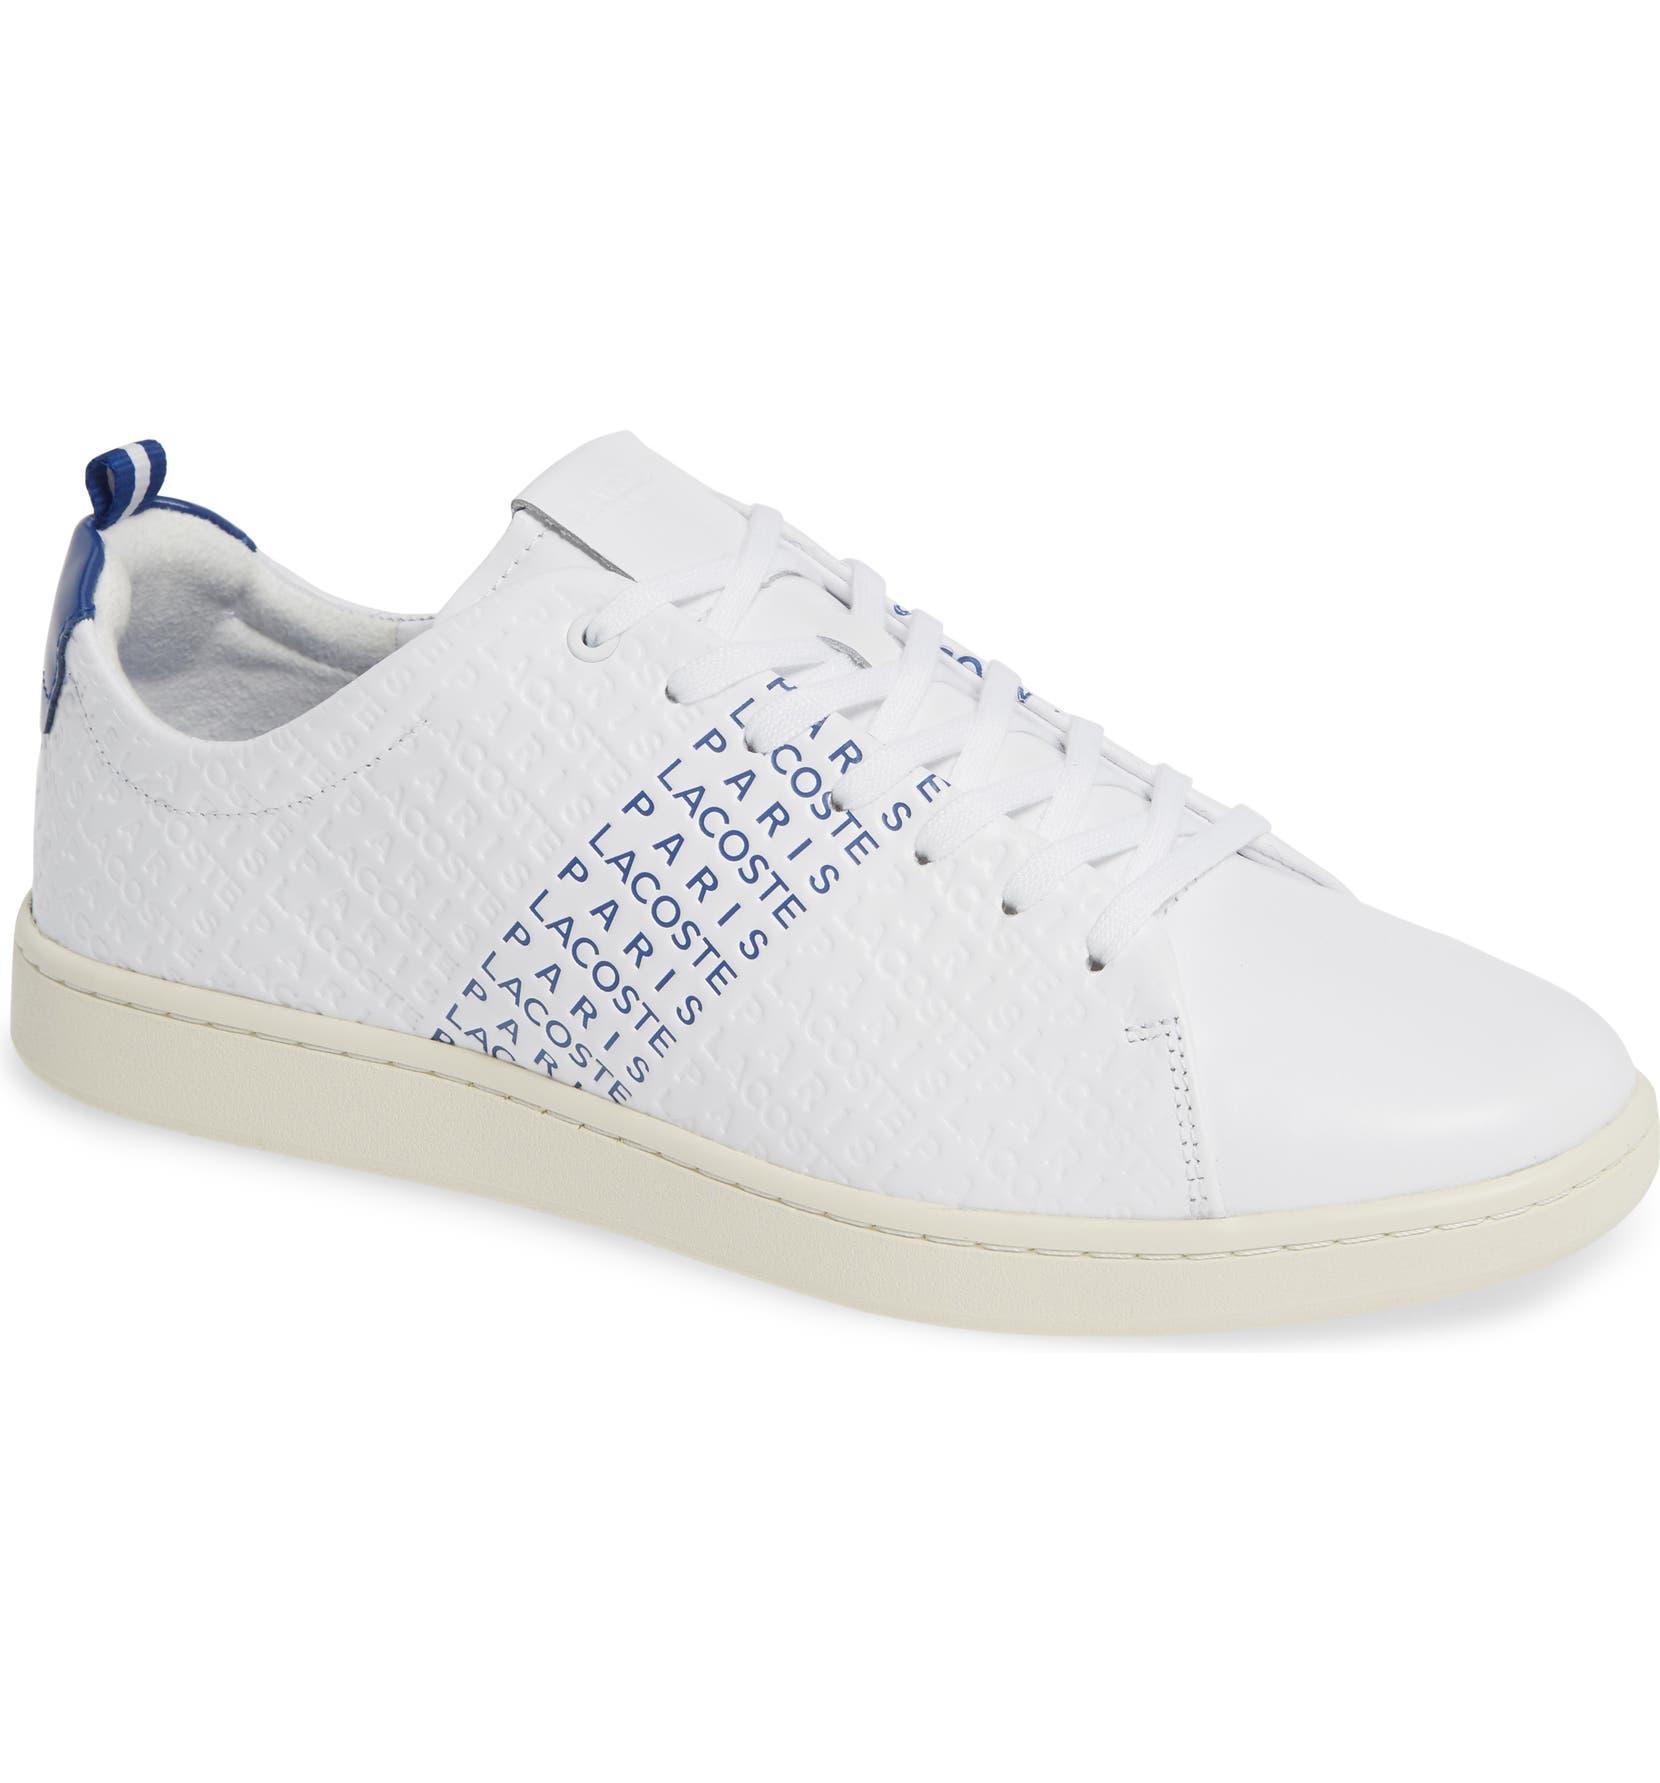 fd5f2512afc2 Lacoste Carnaby Evo 119 2 U Sneaker (Men)